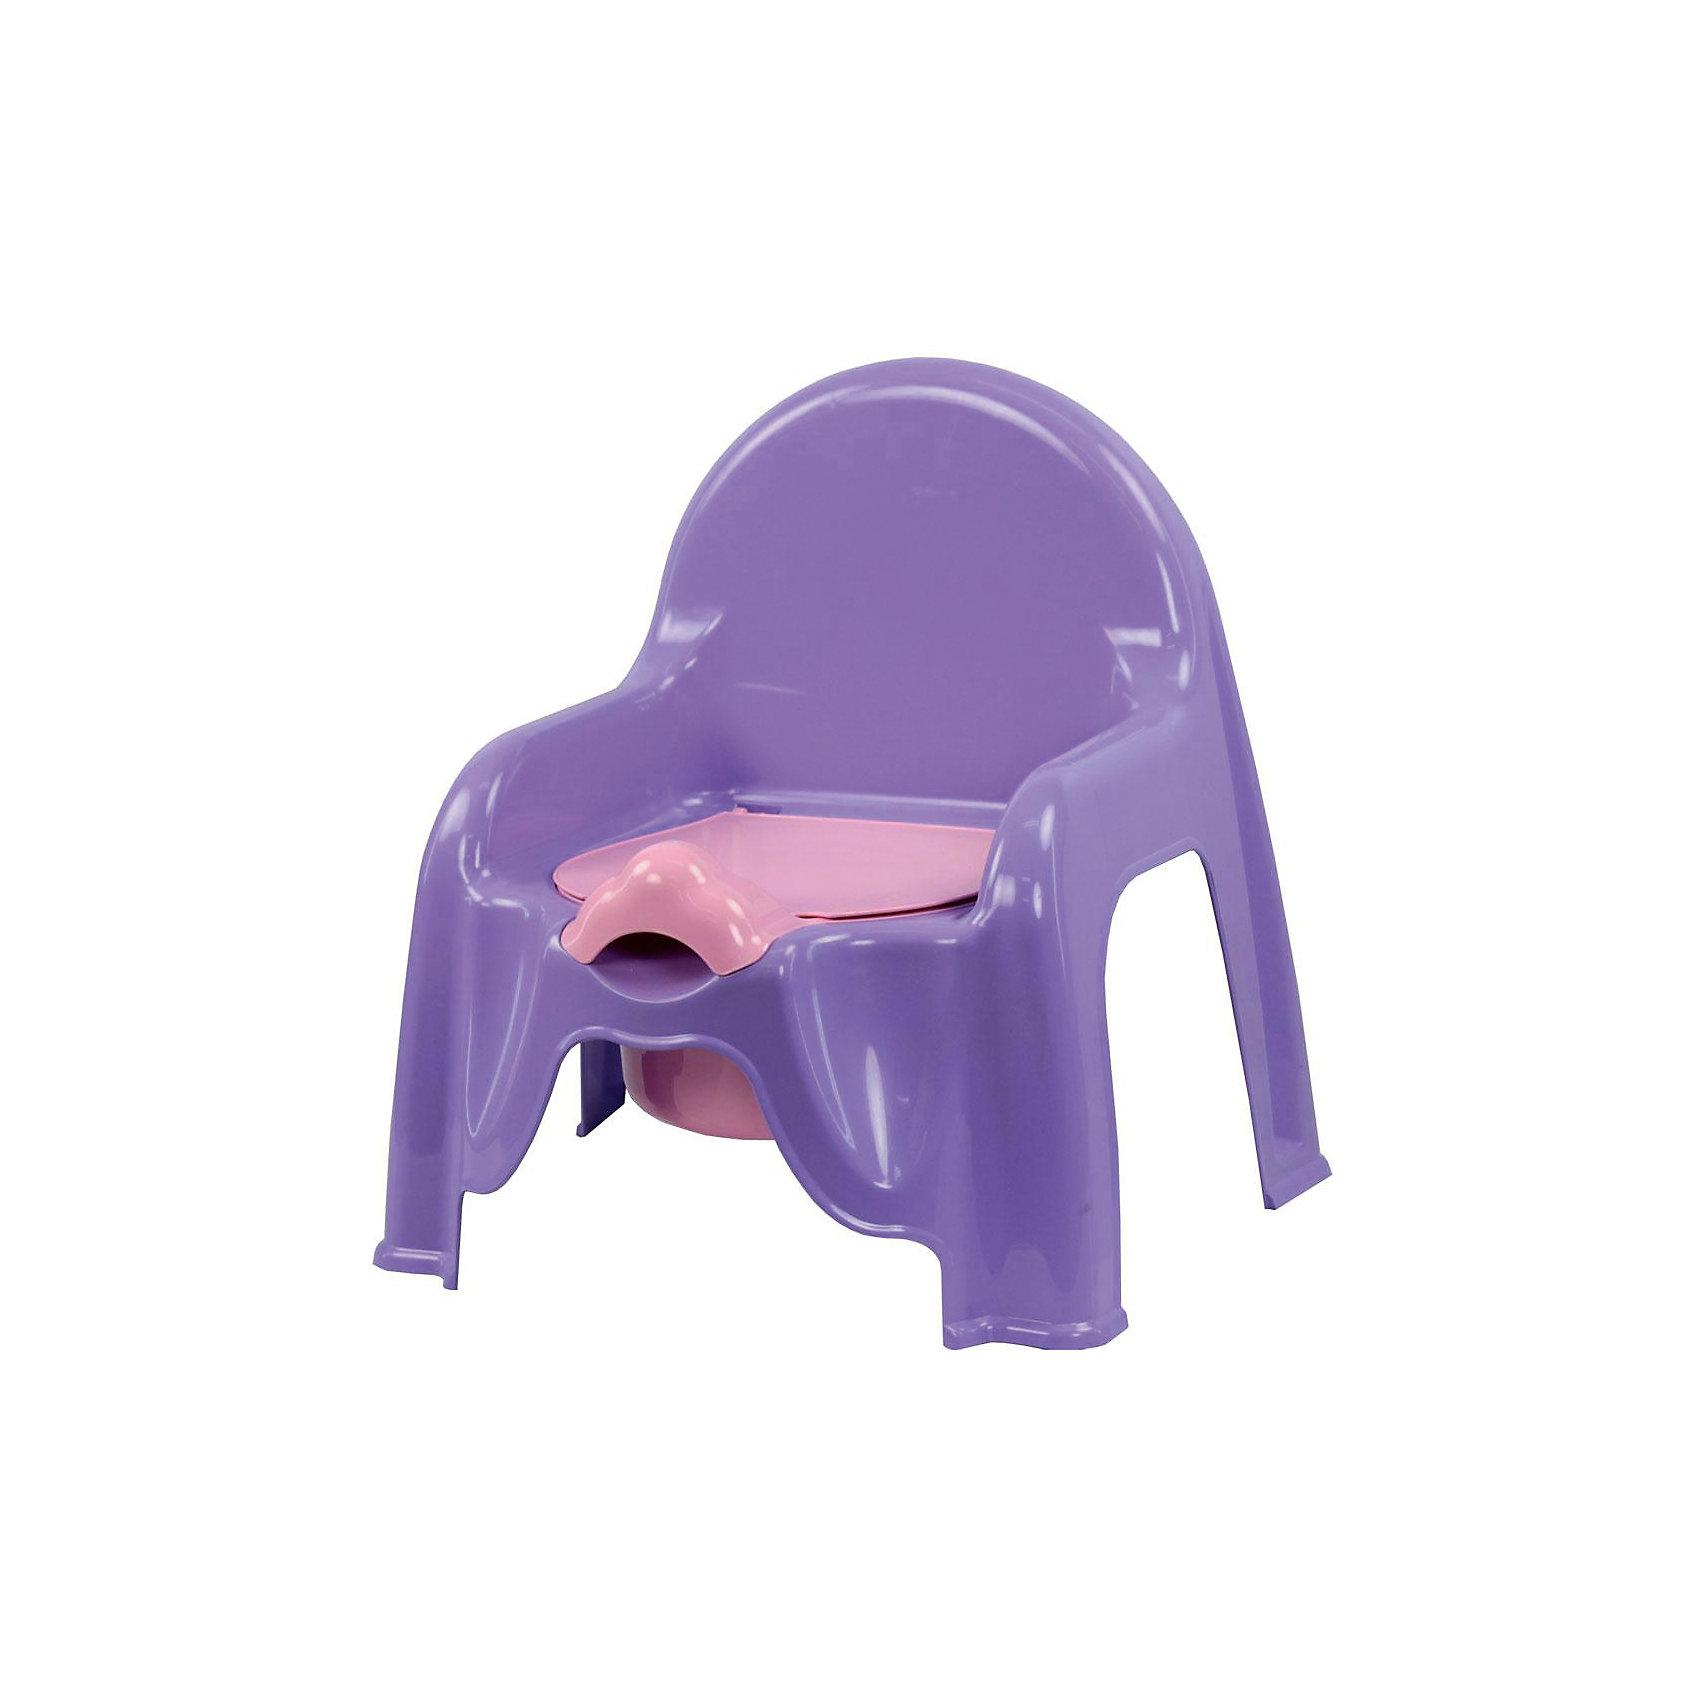 Горшок-стульчик , Alternativa, св.фиолетовыйГоршки, сиденья для унитаза, стульчики-подставки<br>Горшок-стульчик , Alternativa, светло-фиолетовый сделан из пластика, абсолютно безопасного для детей. Горшок сделан в форме стула: спинка и два небольших подлокотника, что создаст удобство ребёнку. Горшок Малышок отлично подойдет для того, чтобы приучить ребёнка ходить в туалет самостоятельно. <br><br>Дополнительная информация:<br>-Размер(ДхШхВ):45,5 х11х22 см<br>-Цвет: светло-фиолетовый<br>-Марка: Alternativa<br><br>Горшок-стульчик , Alternativa, светло-фиолетовый вы можете приобрести в нашем интернет-магазине.<br><br>Ширина мм: 290<br>Глубина мм: 255<br>Высота мм: 345<br>Вес г: 439<br>Возраст от месяцев: 6<br>Возраст до месяцев: 36<br>Пол: Женский<br>Возраст: Детский<br>SKU: 5096514